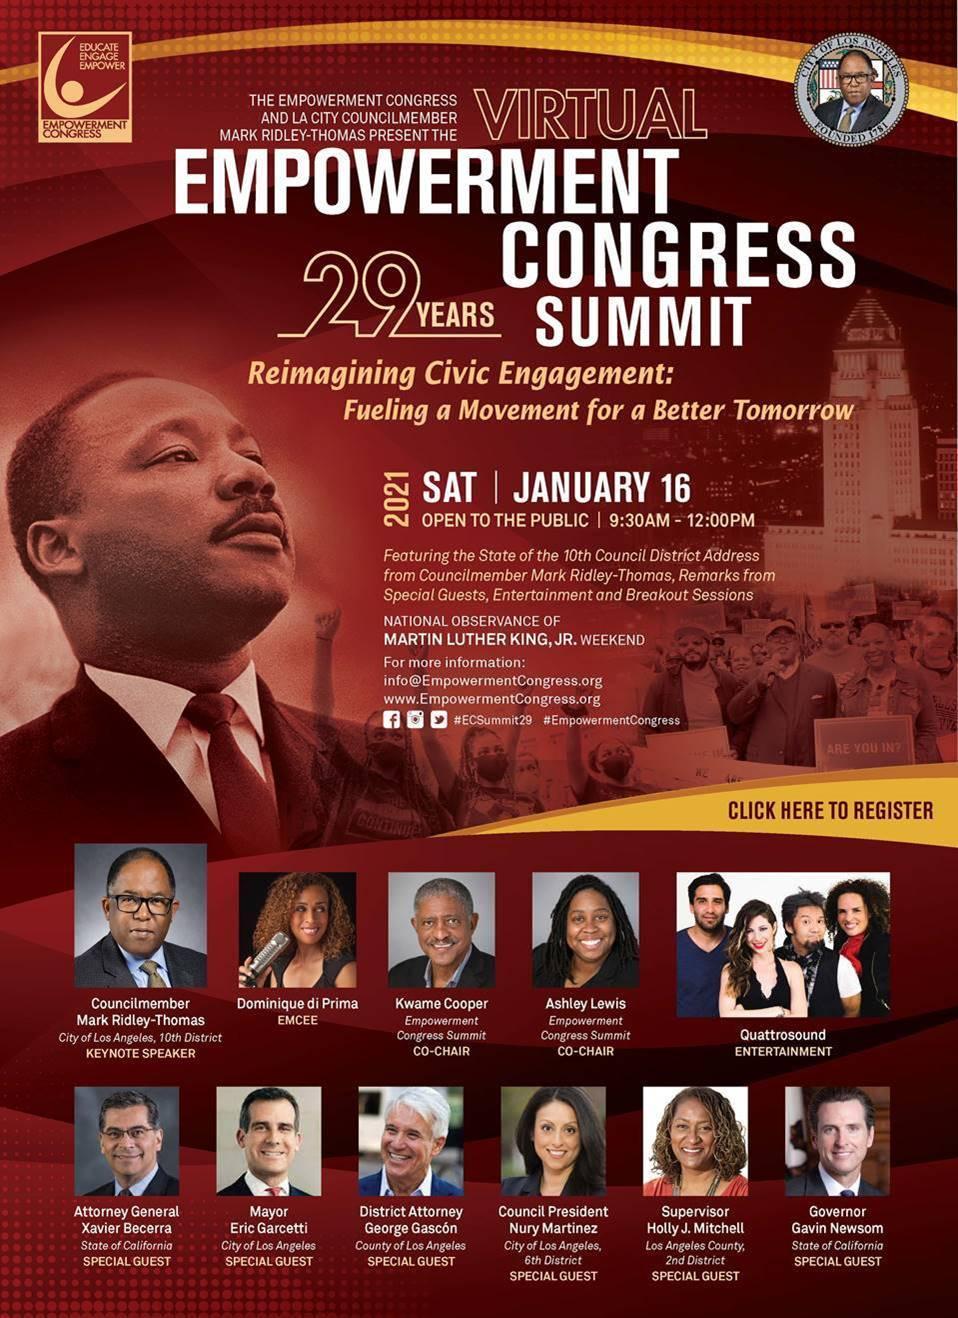 Empowerment Congress